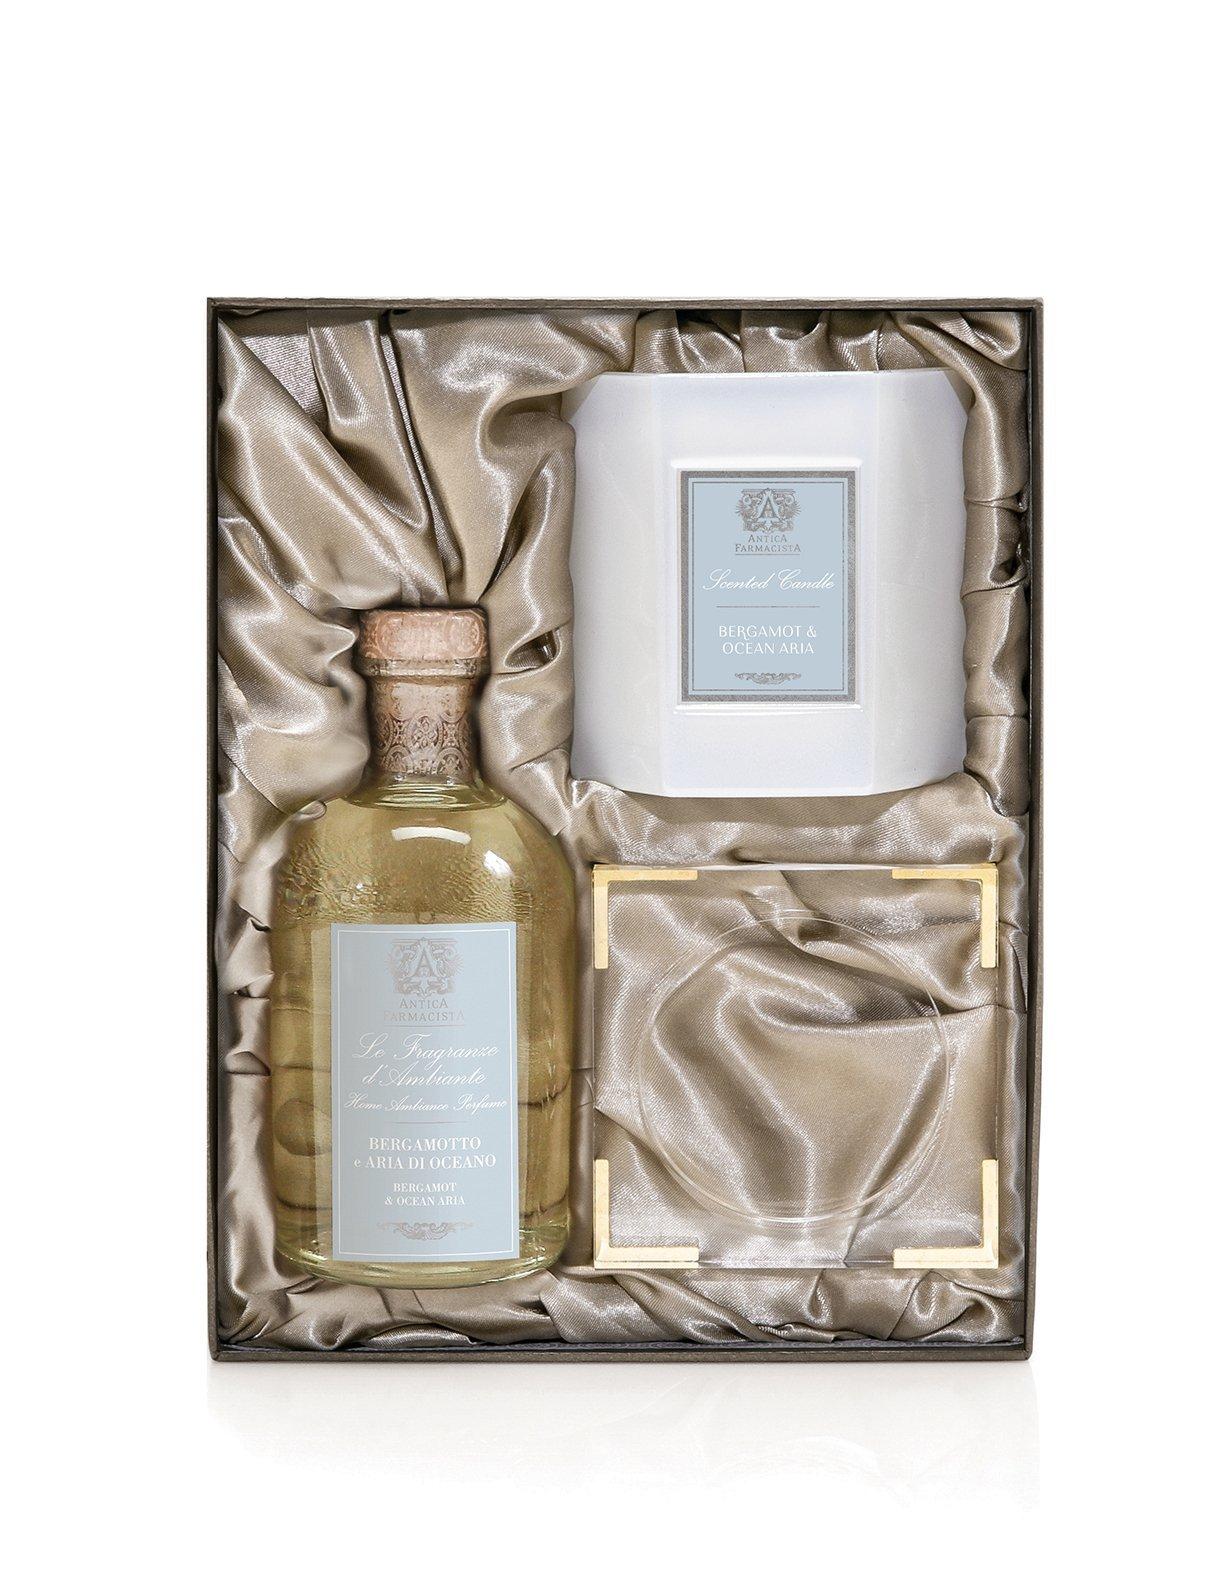 Antica Farmacista Bergamot & Ocean Arie Gift Set